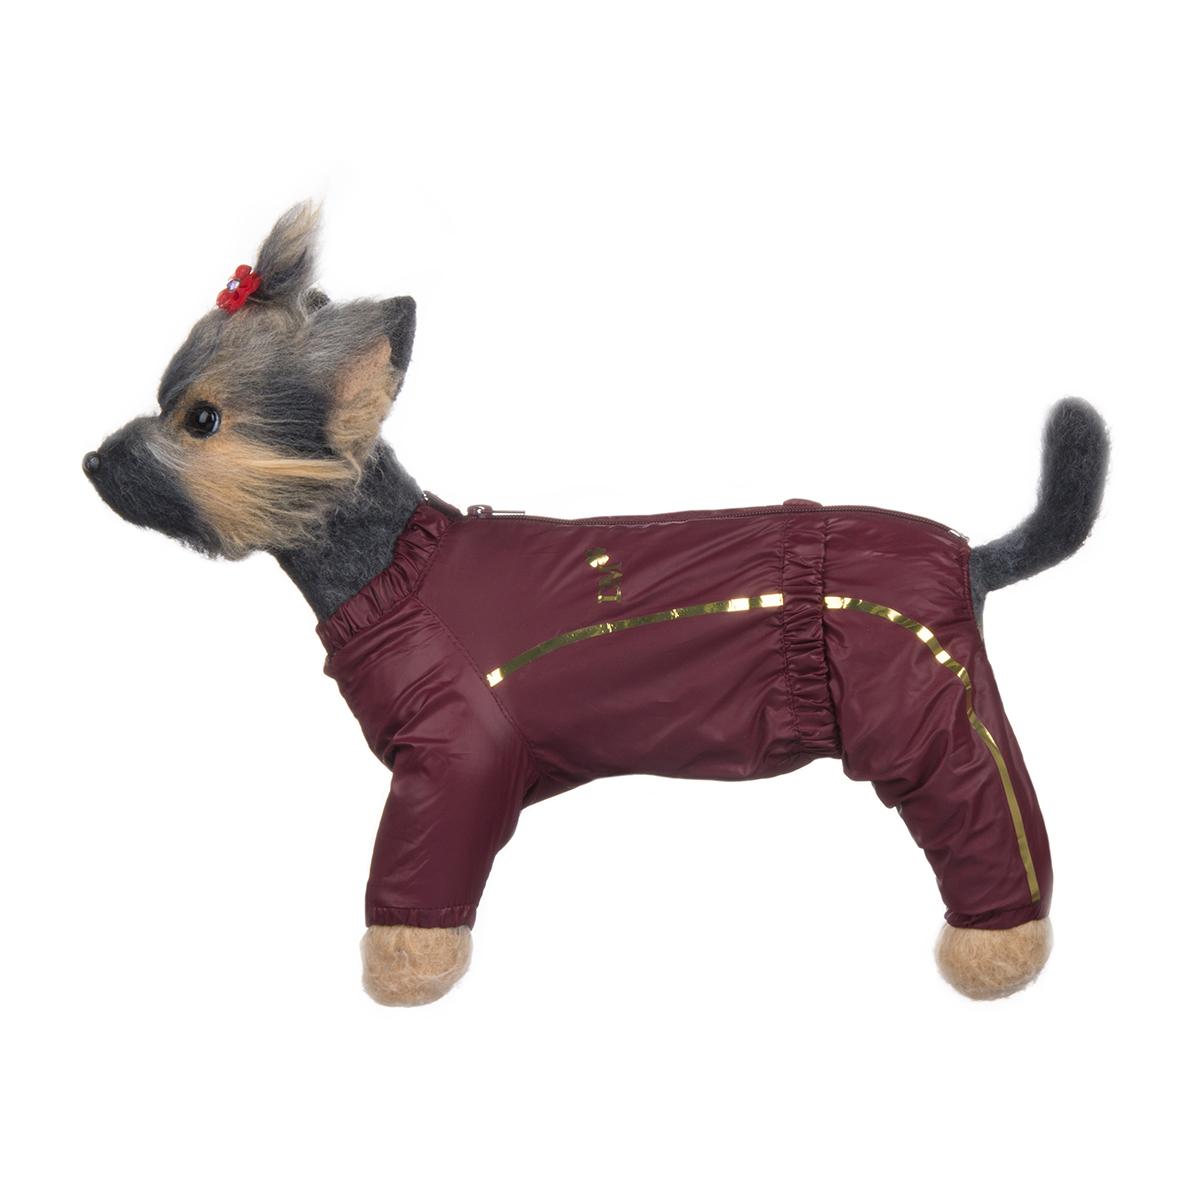 Комбинезон для собак Dogmoda Альпы, для девочки, цвет: бордовый. Размер 2 (M)DM-150325-2Комбинезон для собак Dogmoda Альпы отлично подойдет для прогулок поздней осенью или ранней весной. Комбинезон изготовлен из полиэстера, защищающего от ветра и осадков, с подкладкой из флиса, которая сохранит тепло и обеспечит отличный воздухообмен. Комбинезон застегивается на молнию и липучку, благодаря чему его легко надевать и снимать. Ворот, низ рукавов и брючин оснащены внутренними резинками, которые мягко обхватывают шею и лапки, не позволяя просачиваться холодному воздуху. На пояснице имеется внутренняя резинка. Изделие декорировано золотистыми полосками и надписью DM. Благодаря такому комбинезону простуда не грозит вашему питомцу и он не даст любимцу продрогнуть на прогулке.